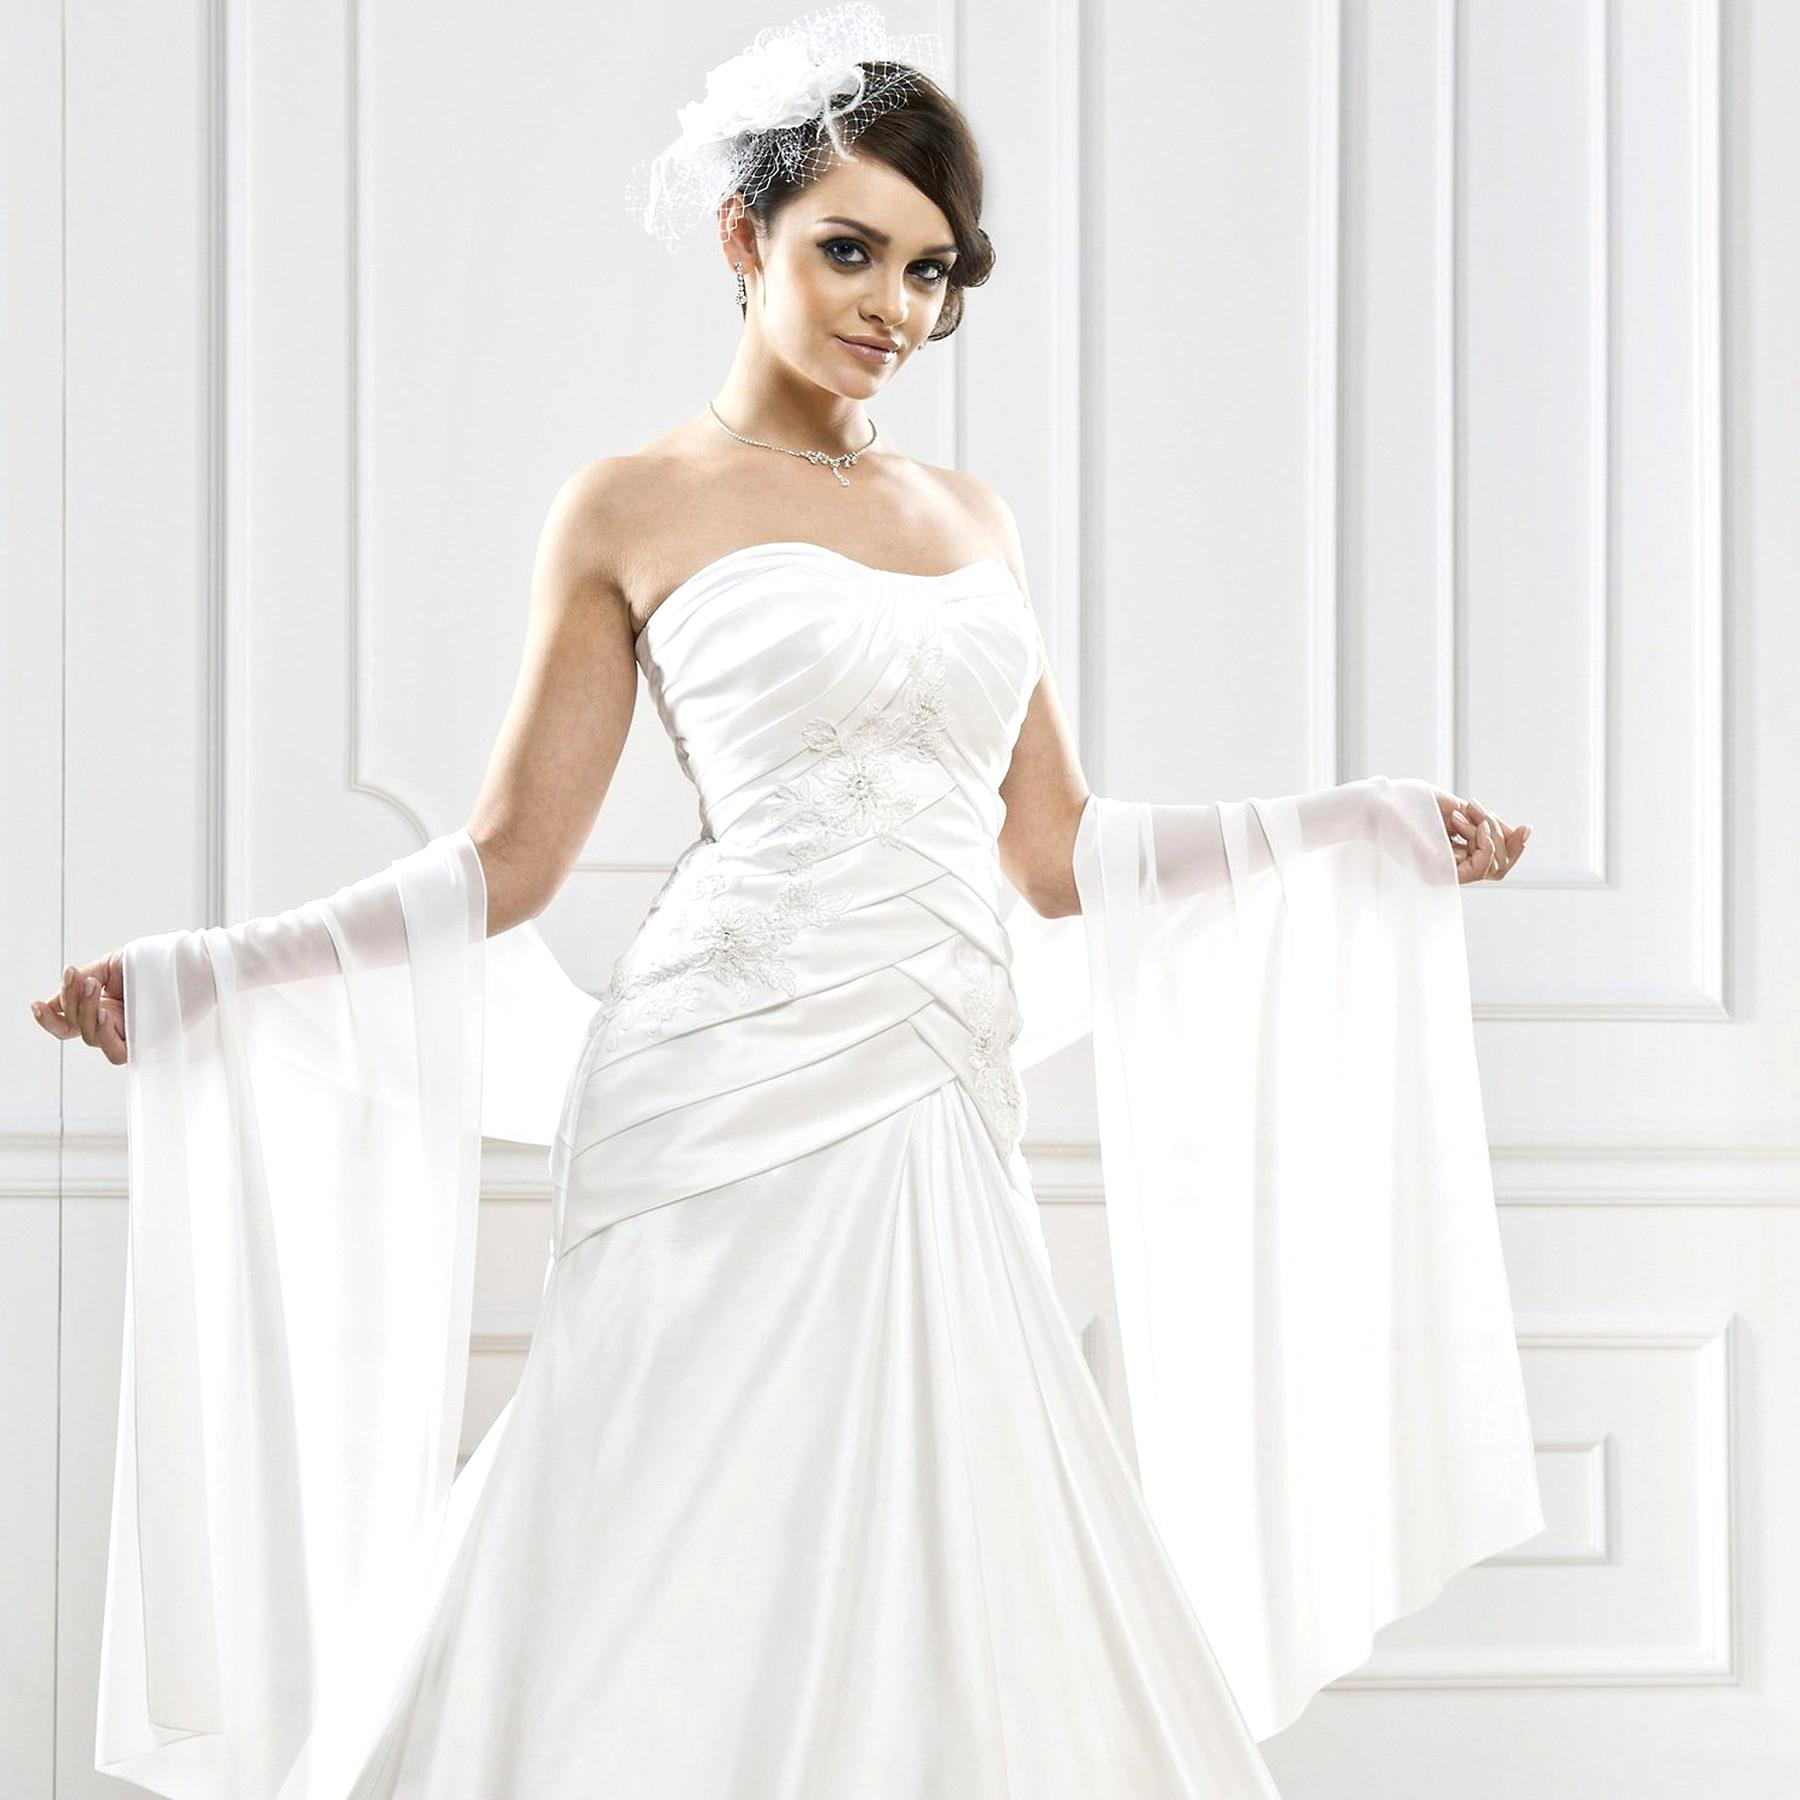 etole mariage ivoire d'occasion